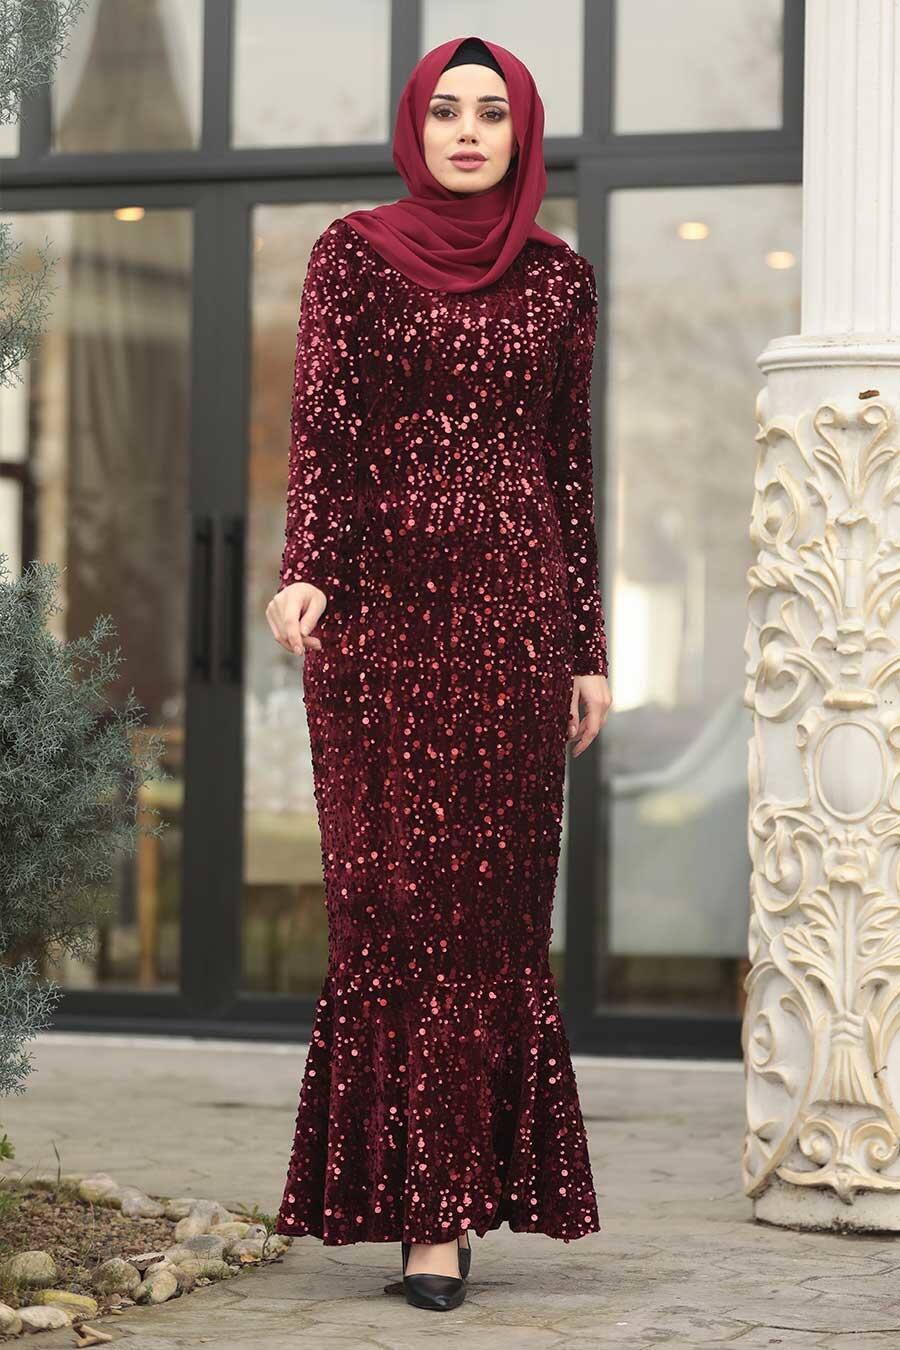 Tesettürlü Abiye Elbise - Balık Model Bordo Tesettür Abiye Elbise 87760BR